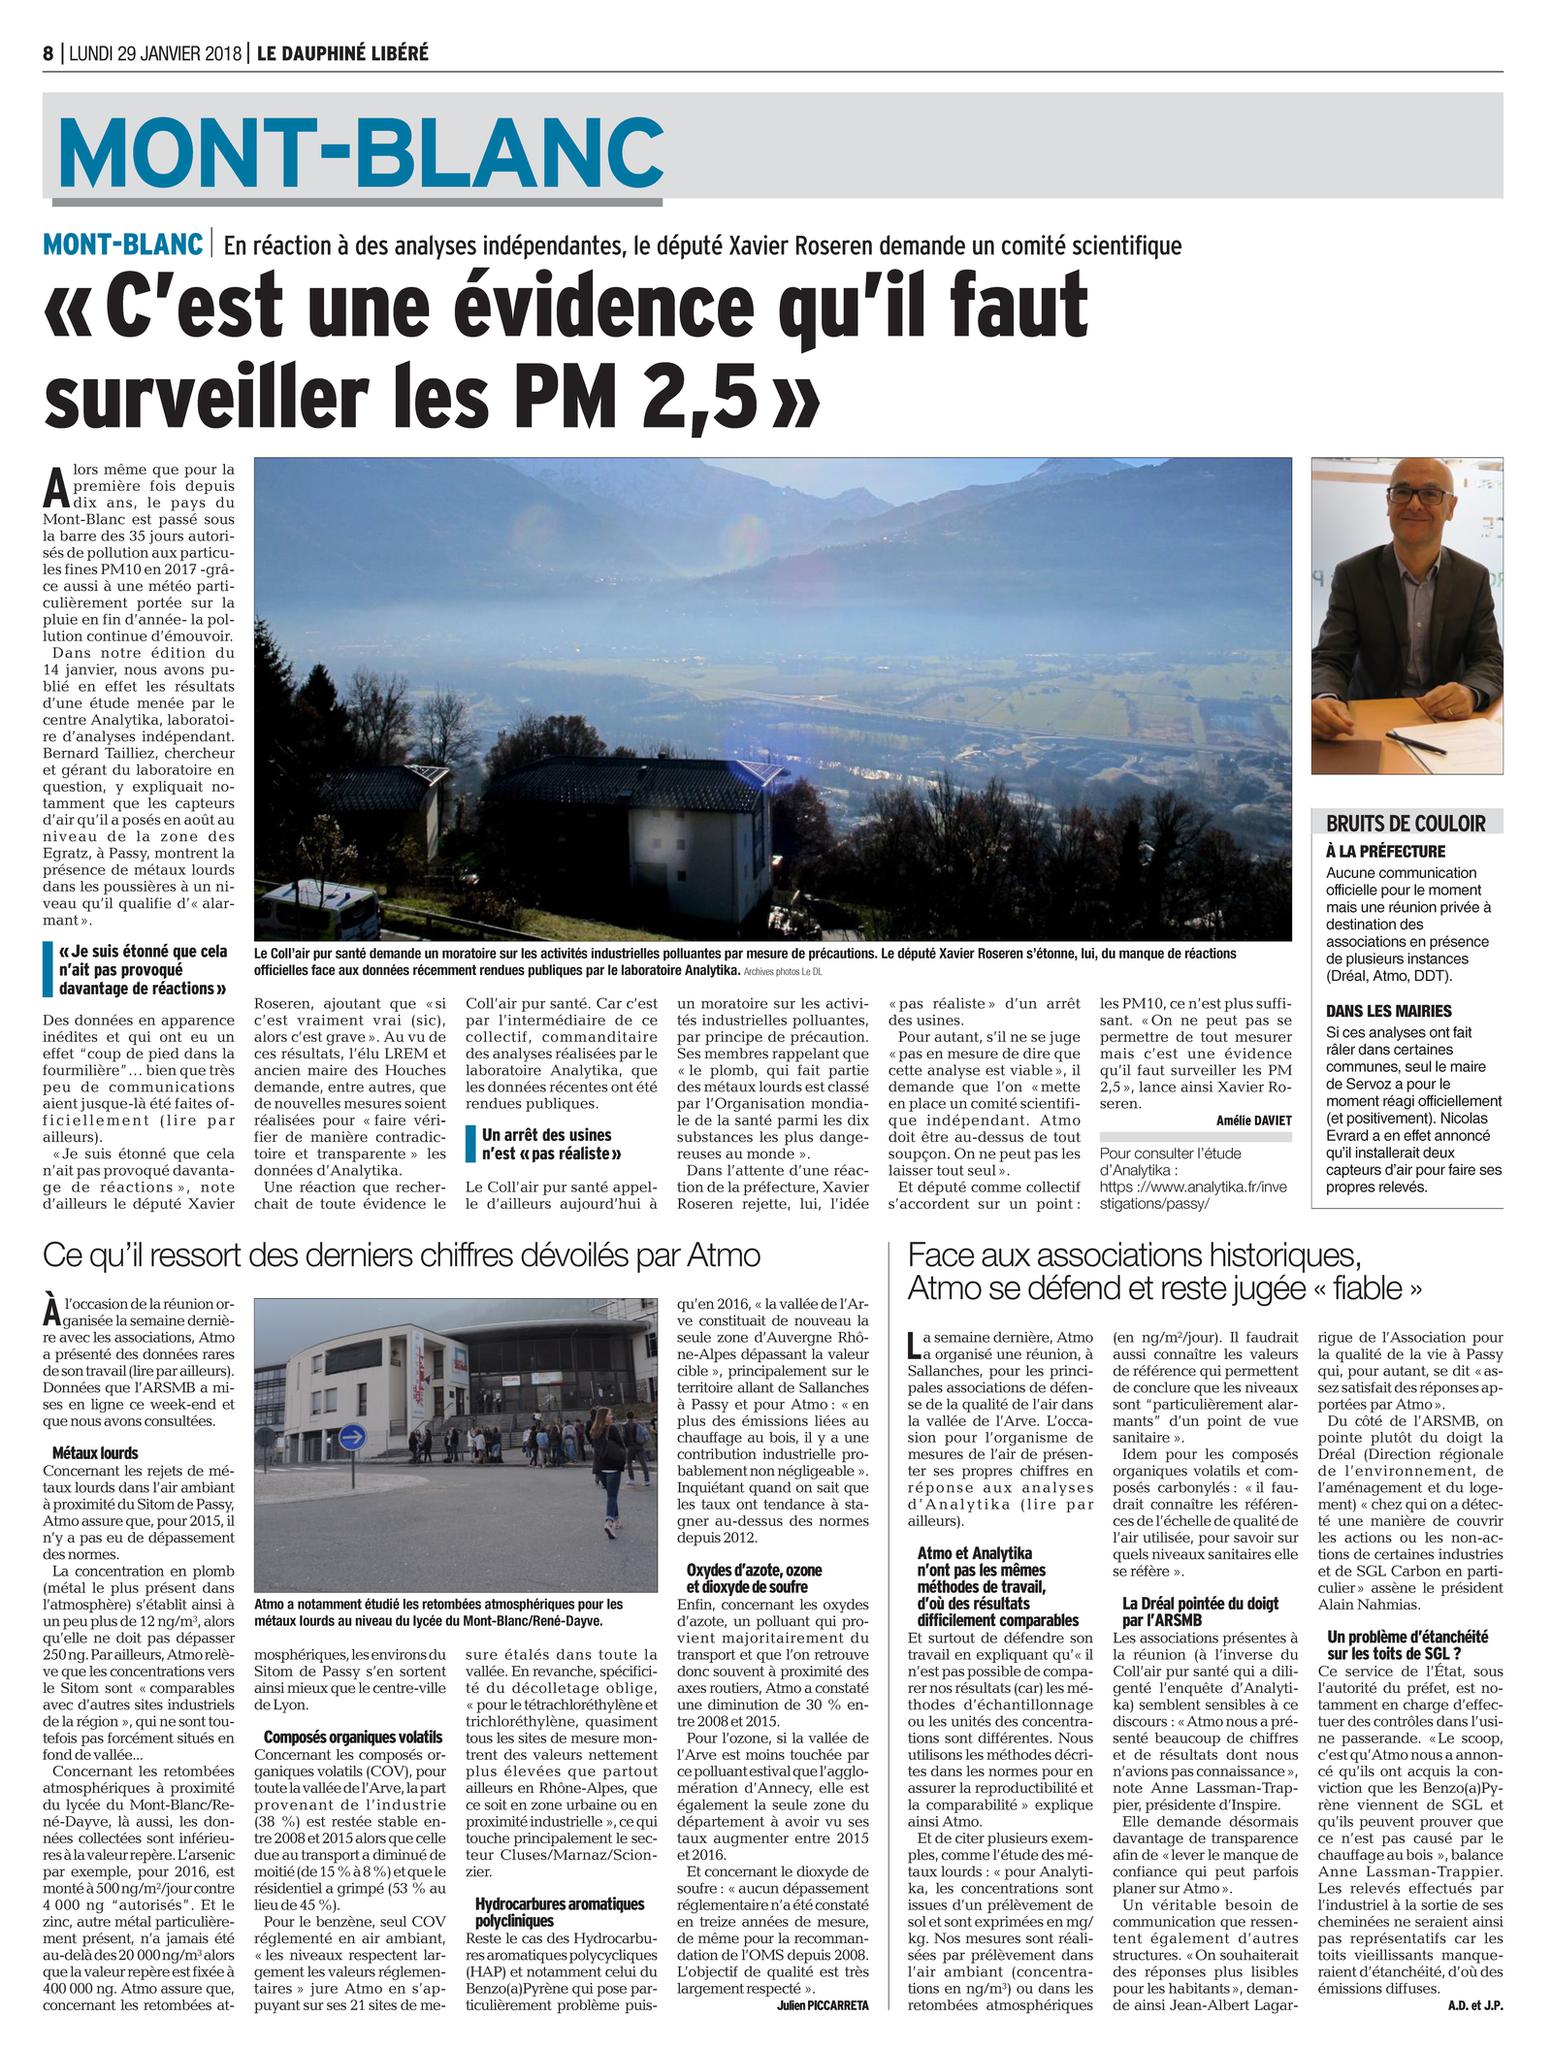 """29.01.2018 > LE DAUPHINÉ LIBÉRÉ : """"« C'est une évidence qu'il faut surveiller les PM 2,5 » En réaction à des analyses indépendantes, le député Xavier Roseren demande un comité scientifique"""""""